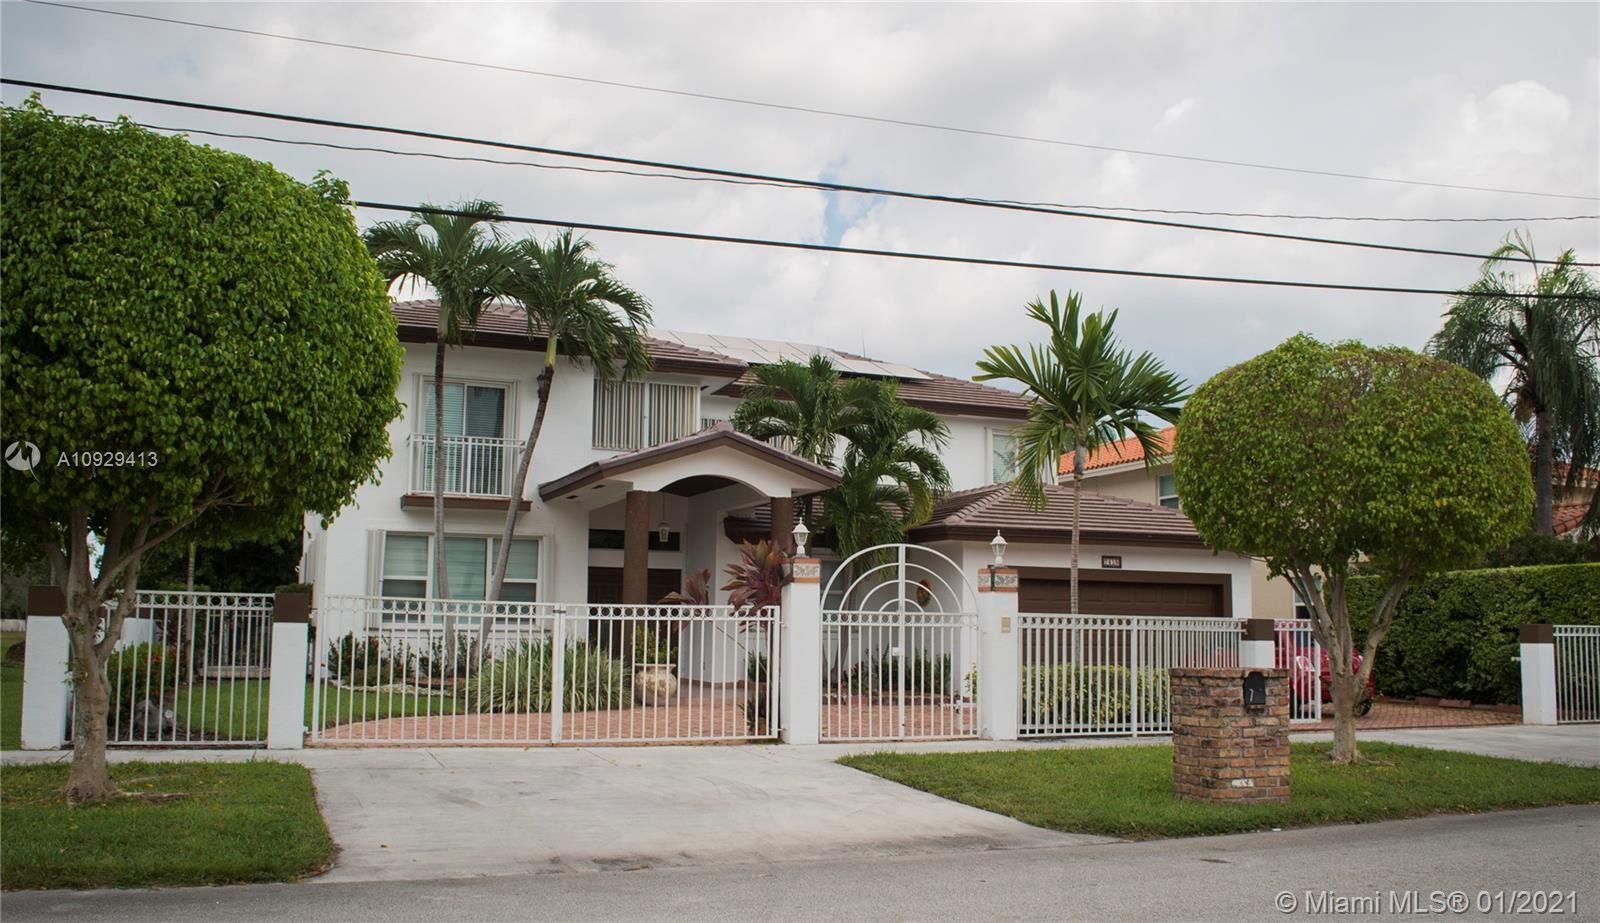 7415 SW 93rd Ave, Miami, FL 33173 - #: A10929413